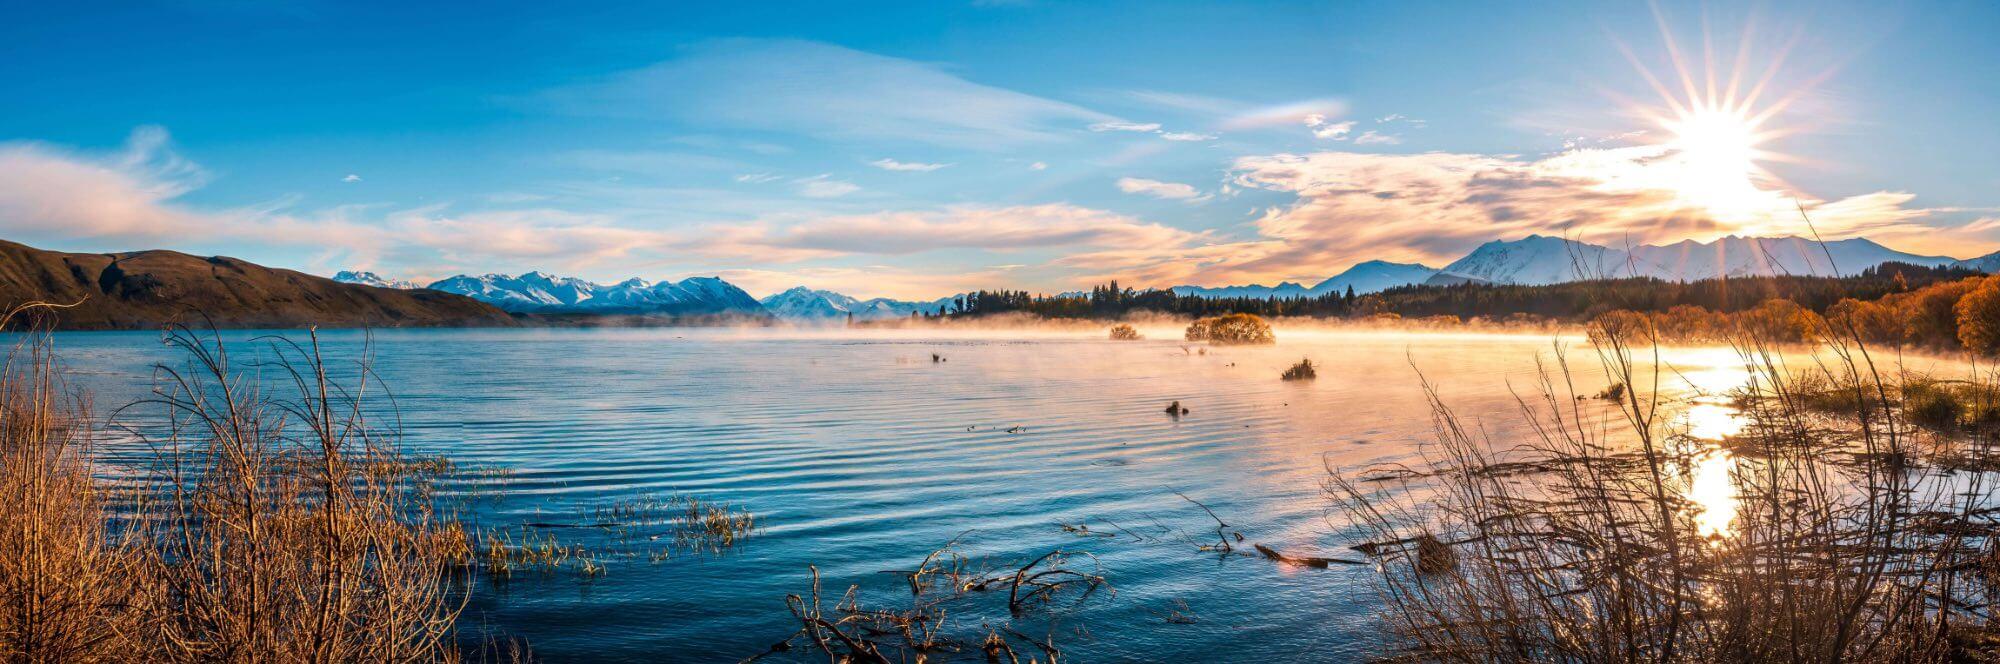 Lake Tekapo Neuseeland Reise